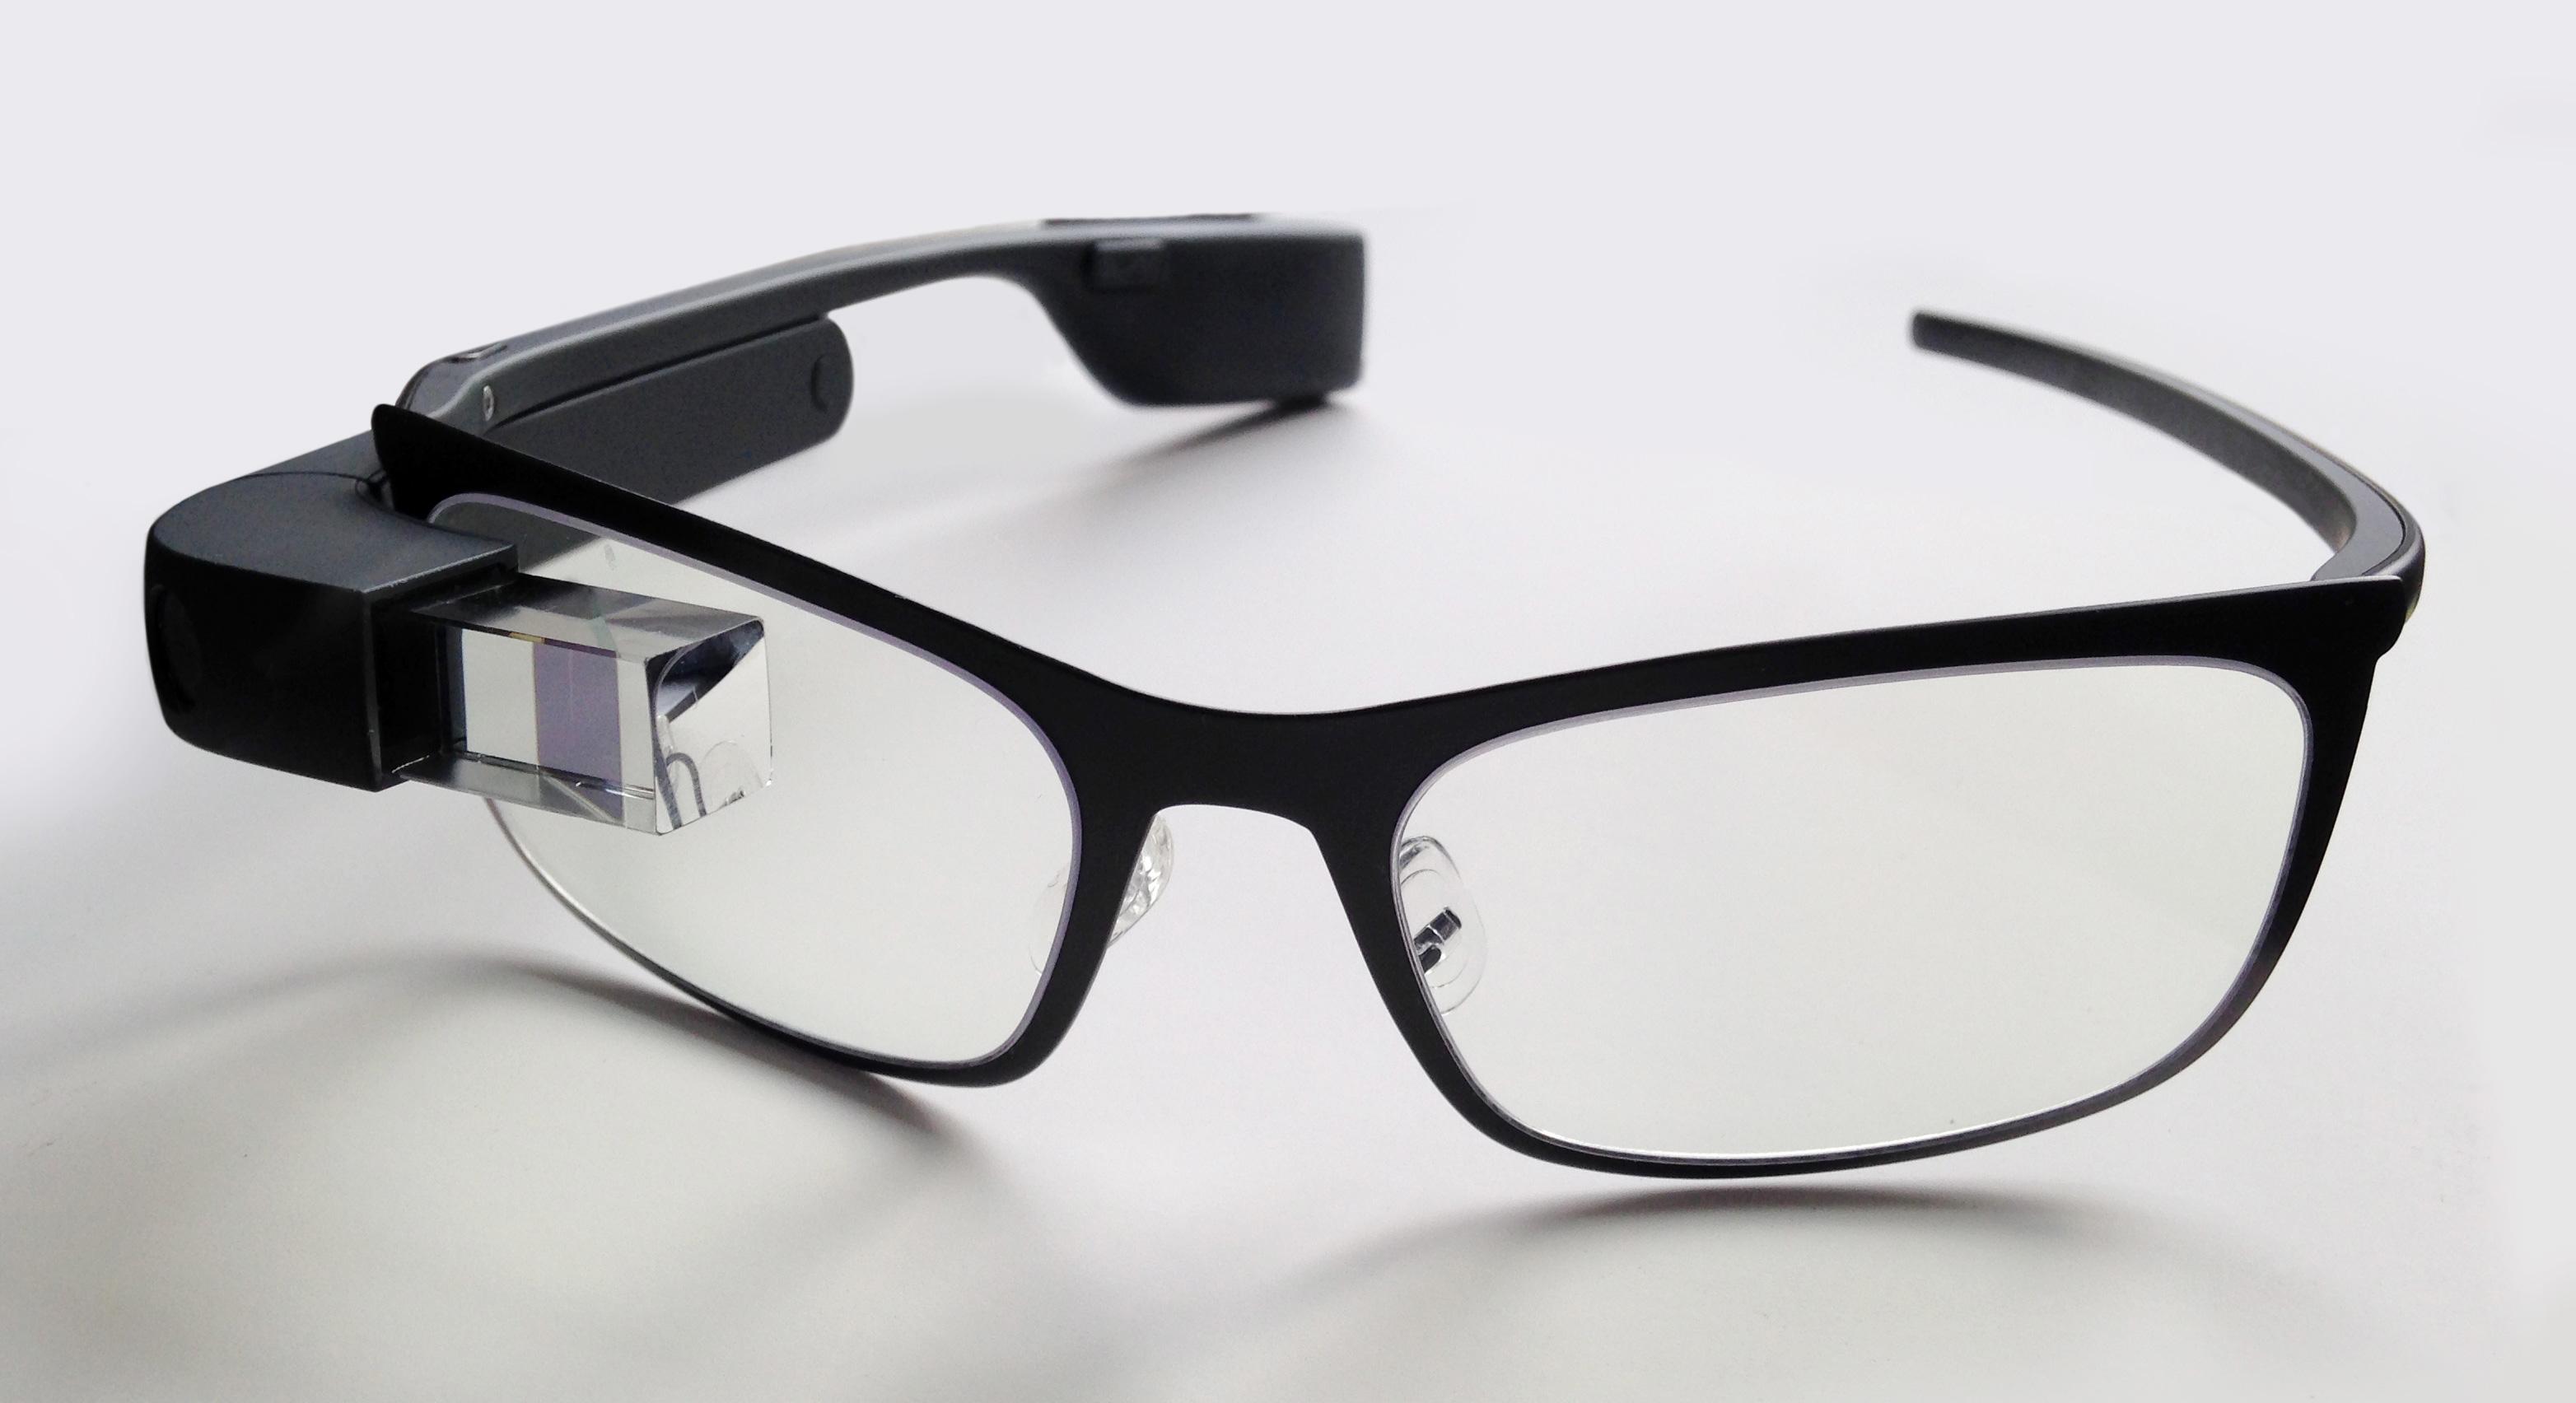 Купить очки гуглес для бпла в октябрьский посадочные шасси пластиковые комбо собственными силами